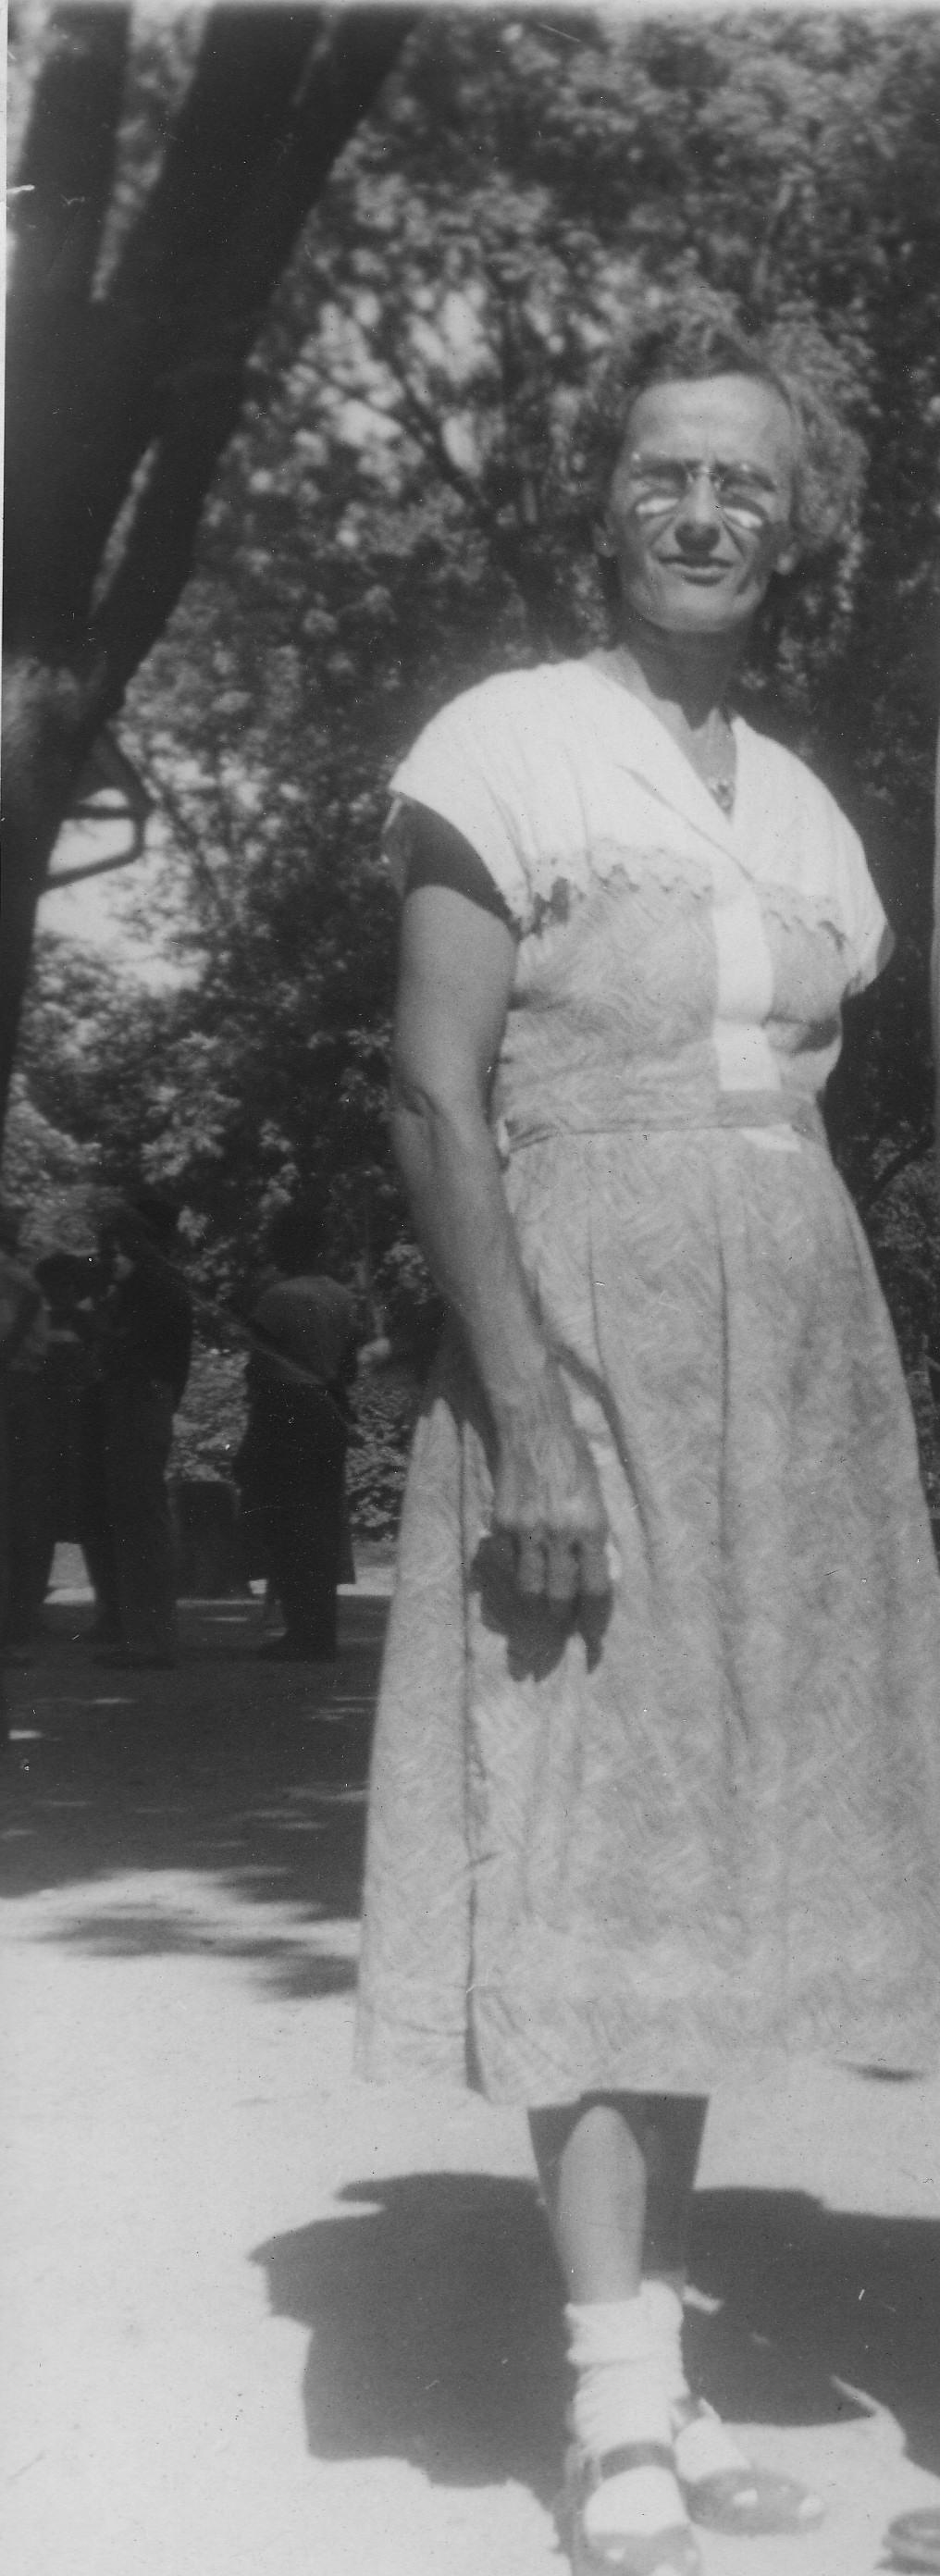 Evelyn M Mendenhall